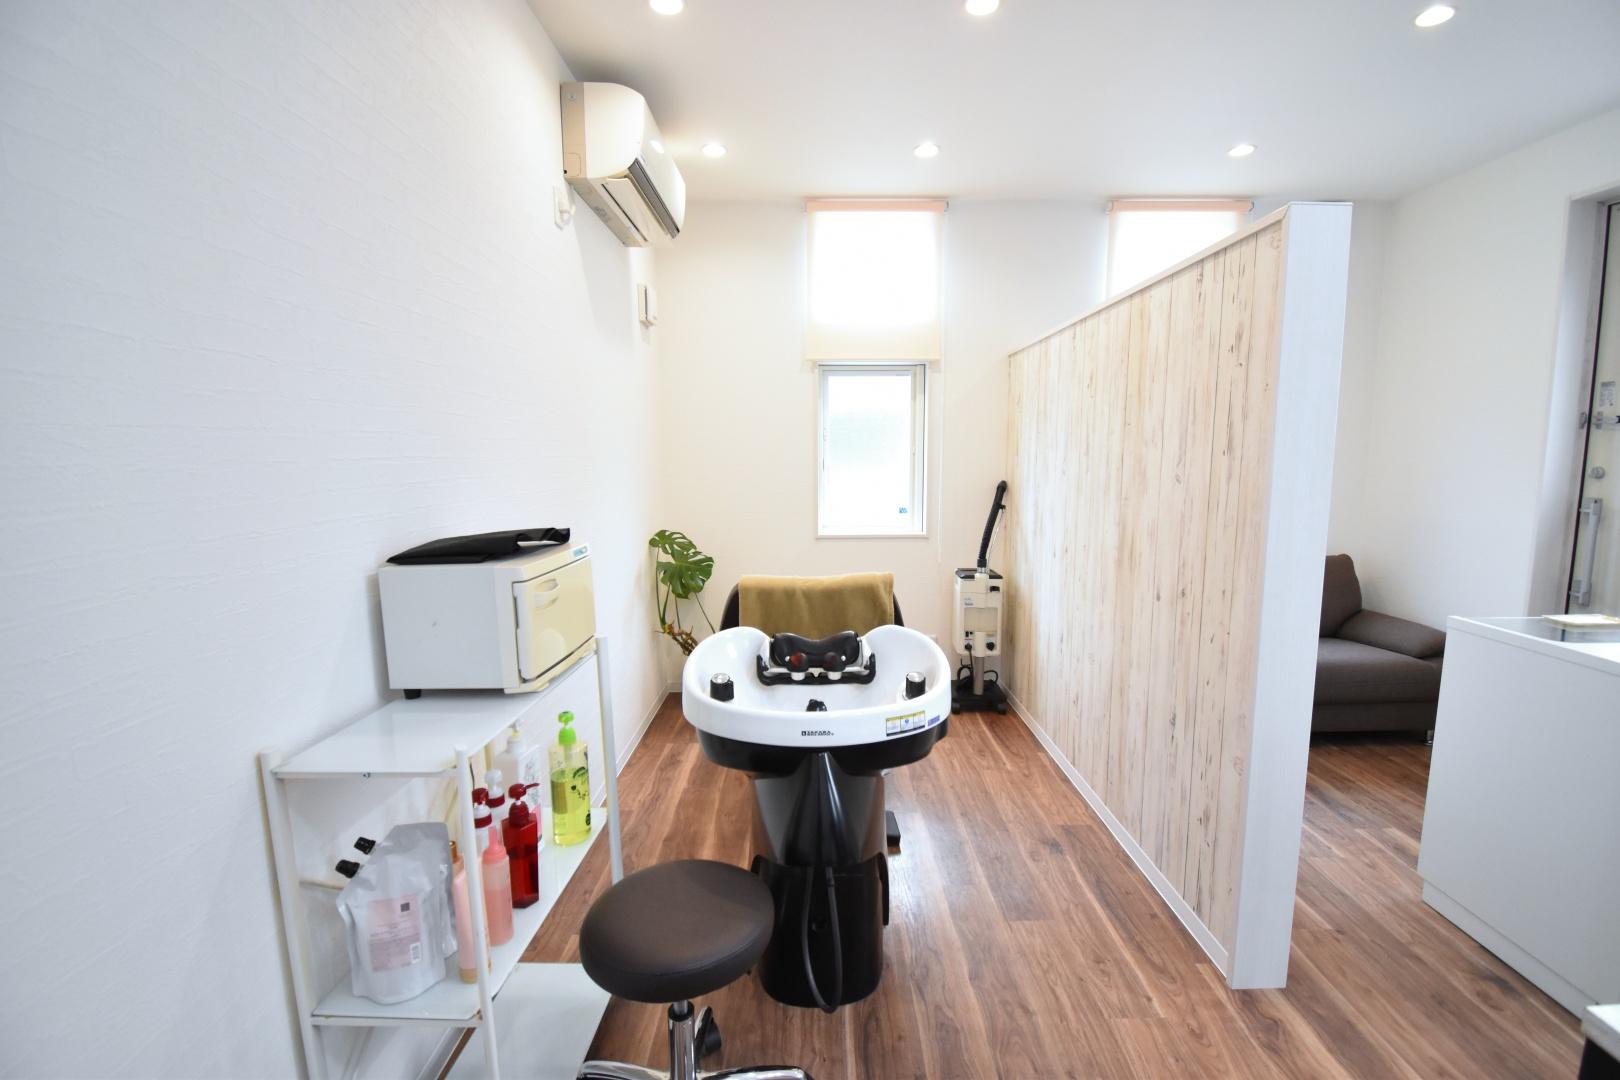 ゆったりとプライベートな時間を楽しめる 完全予約制の美容室です。